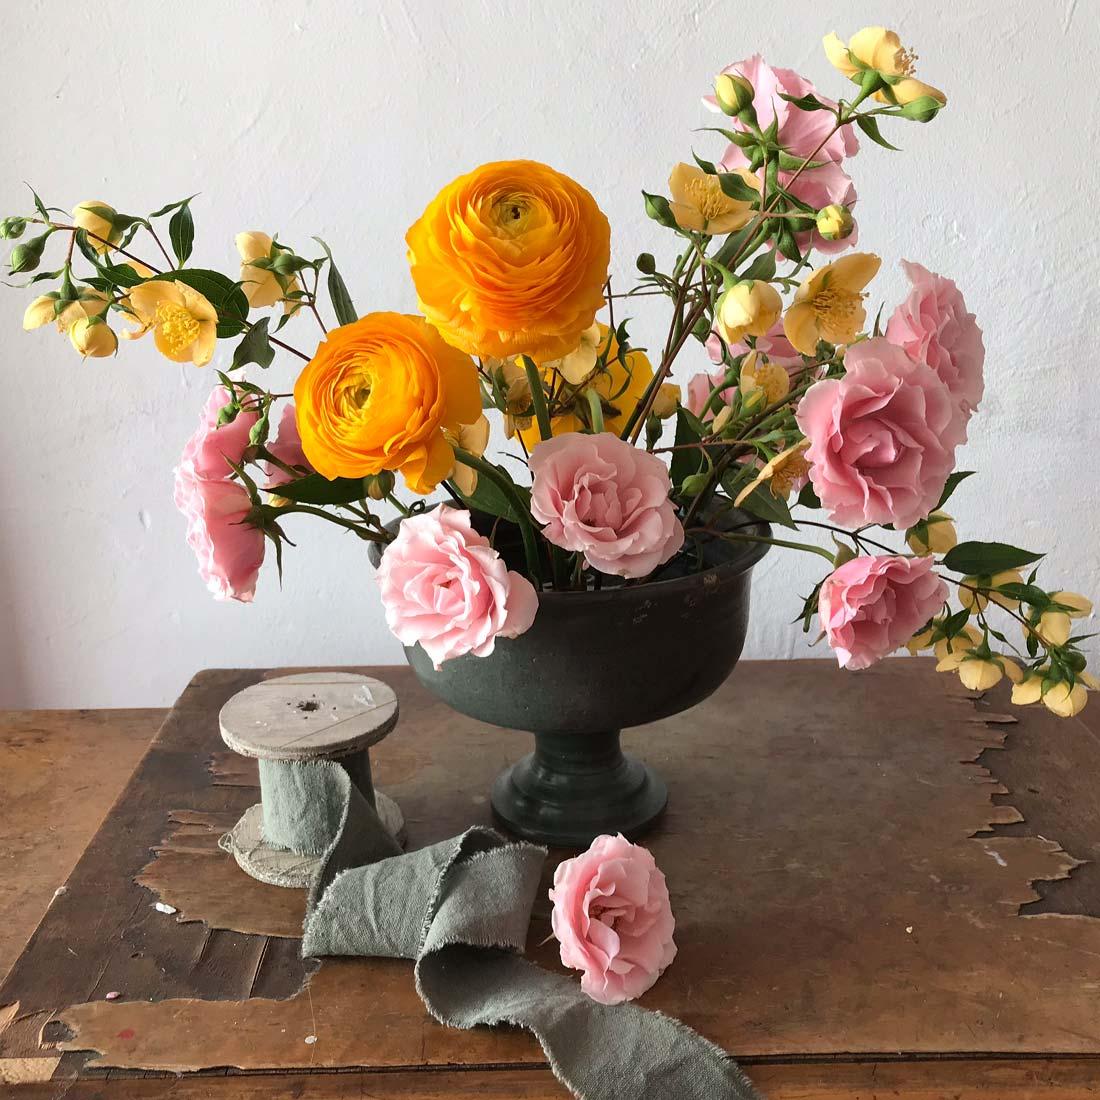 Arreglo floral en base de madera rústica